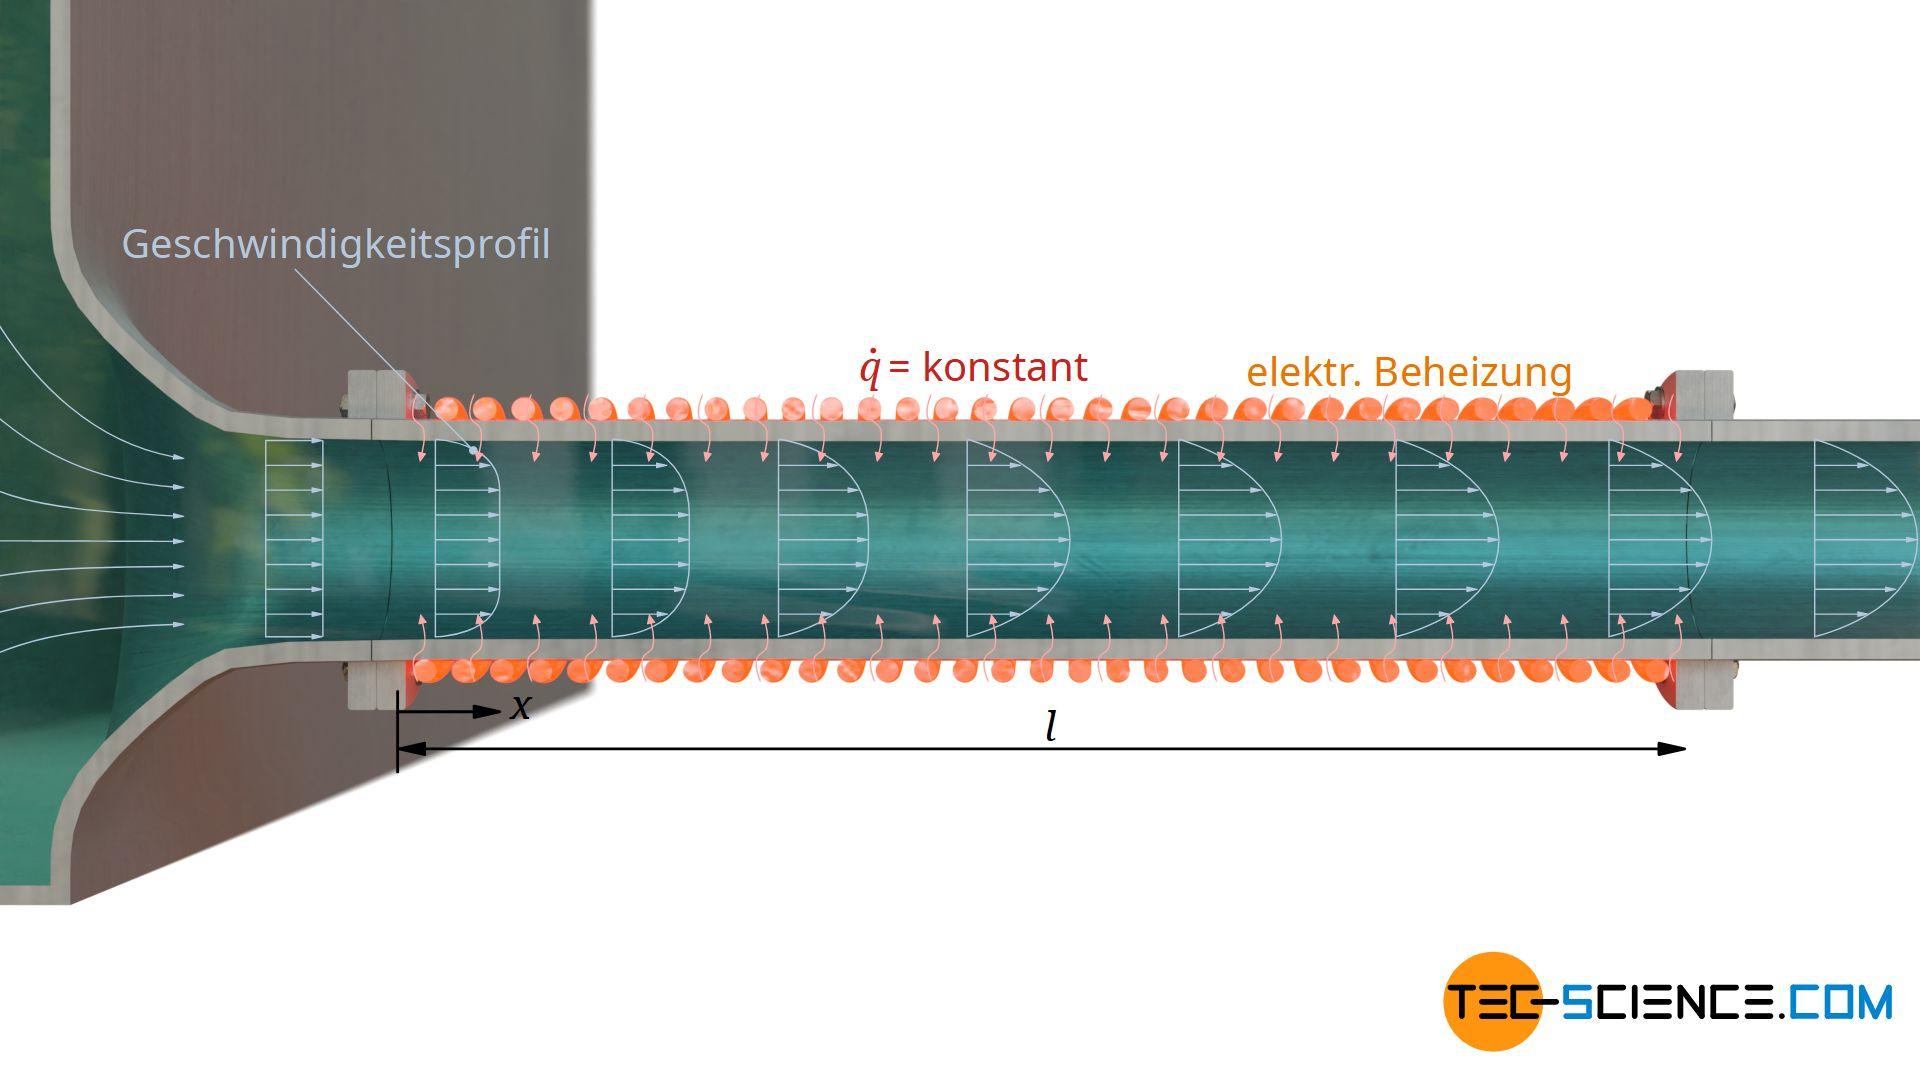 Konvektiver Wärmeübergang bei hydrodynamisch nicht ausgebildeter Strömung und konstanter Wärmestromdichte